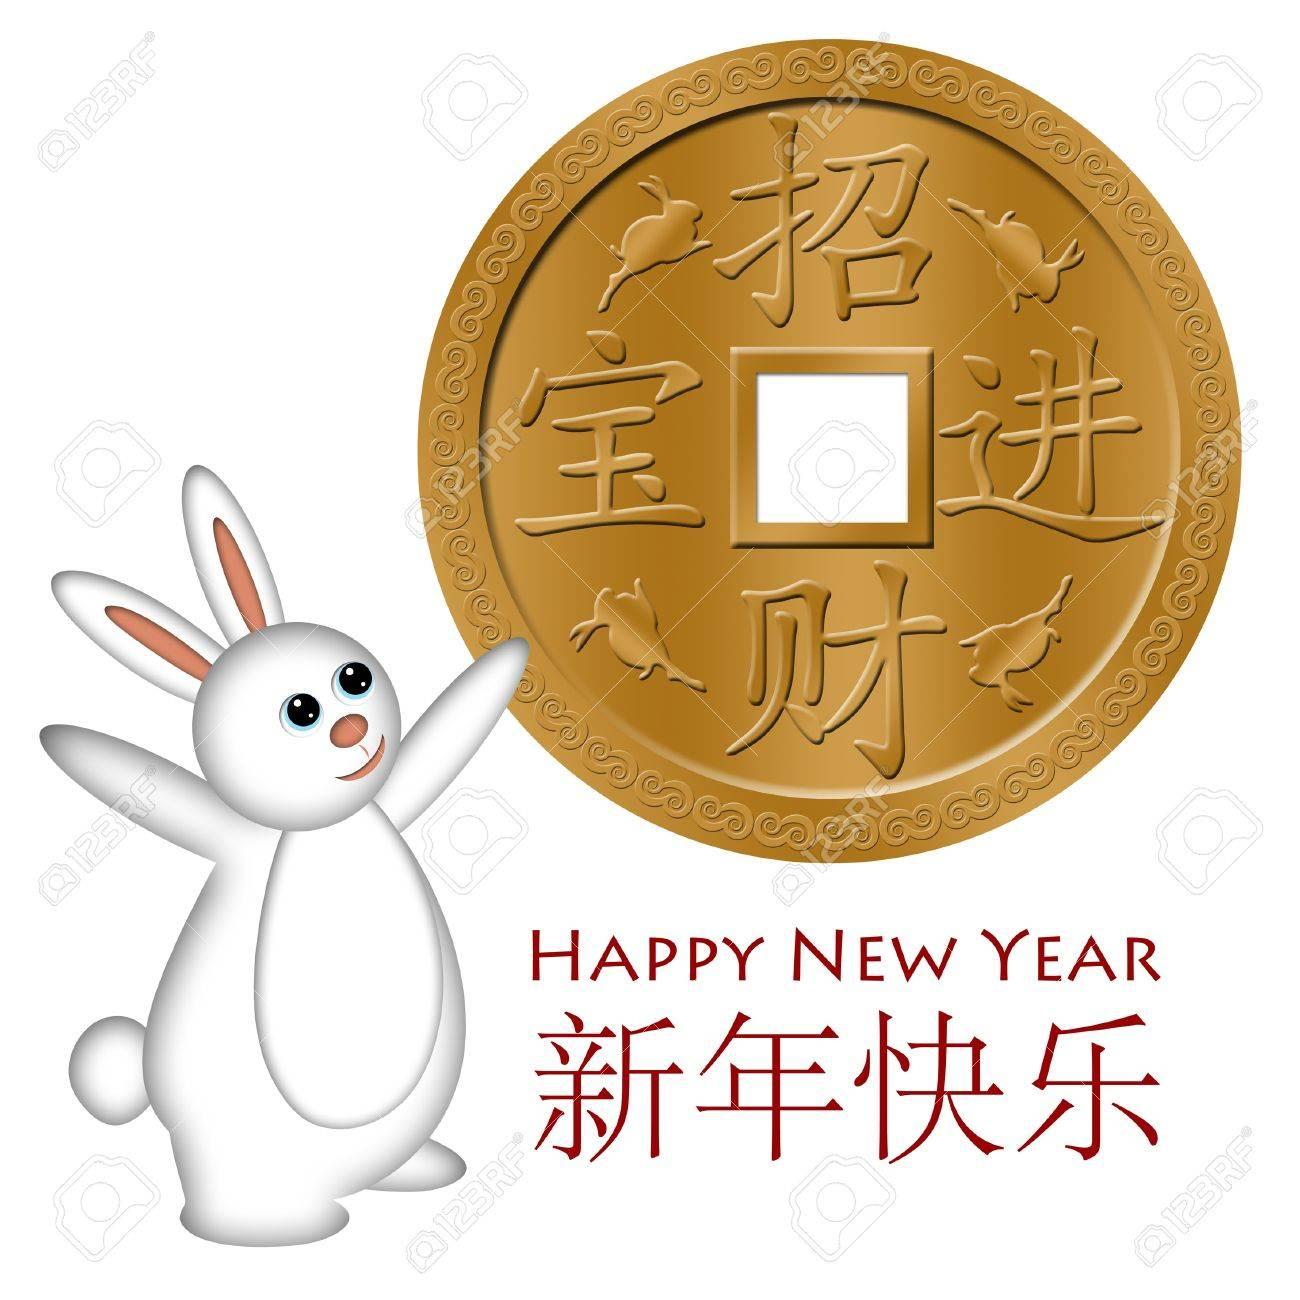 Kaninchen Begrüßen Das Chinesische Neujahr Mit Gold Münze Abbildung ...